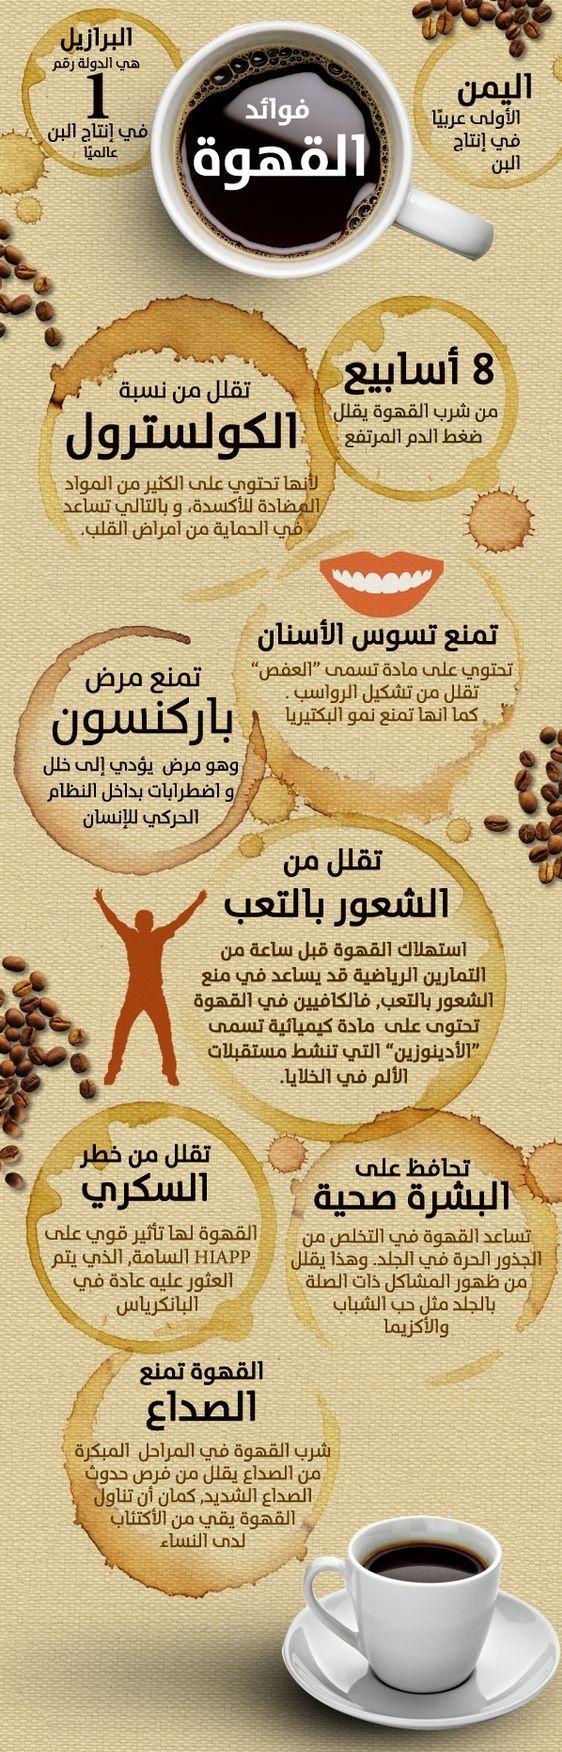 لعشّاق #القهوة : #صباح #صباح_الخير #صباحات #صباحيات #درر #حكم #مقولات #السعودية #عالم_حواء https://t.co/iKOHVrPGW3